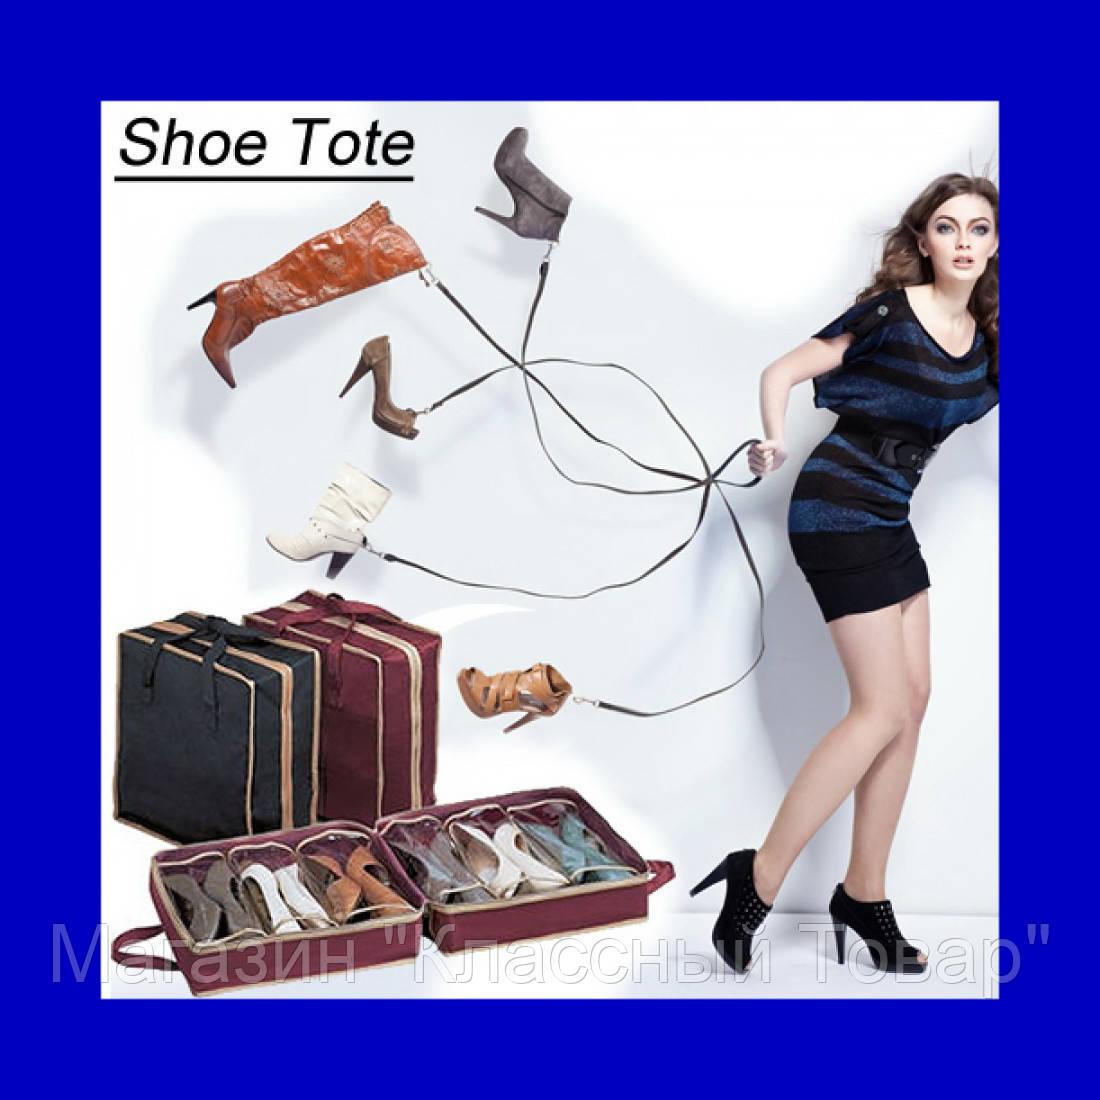 """Органайзер для обуви """"Shoe TOTE"""" на 6 пар - Магазин """"Классный Товар"""" в Херсоне"""